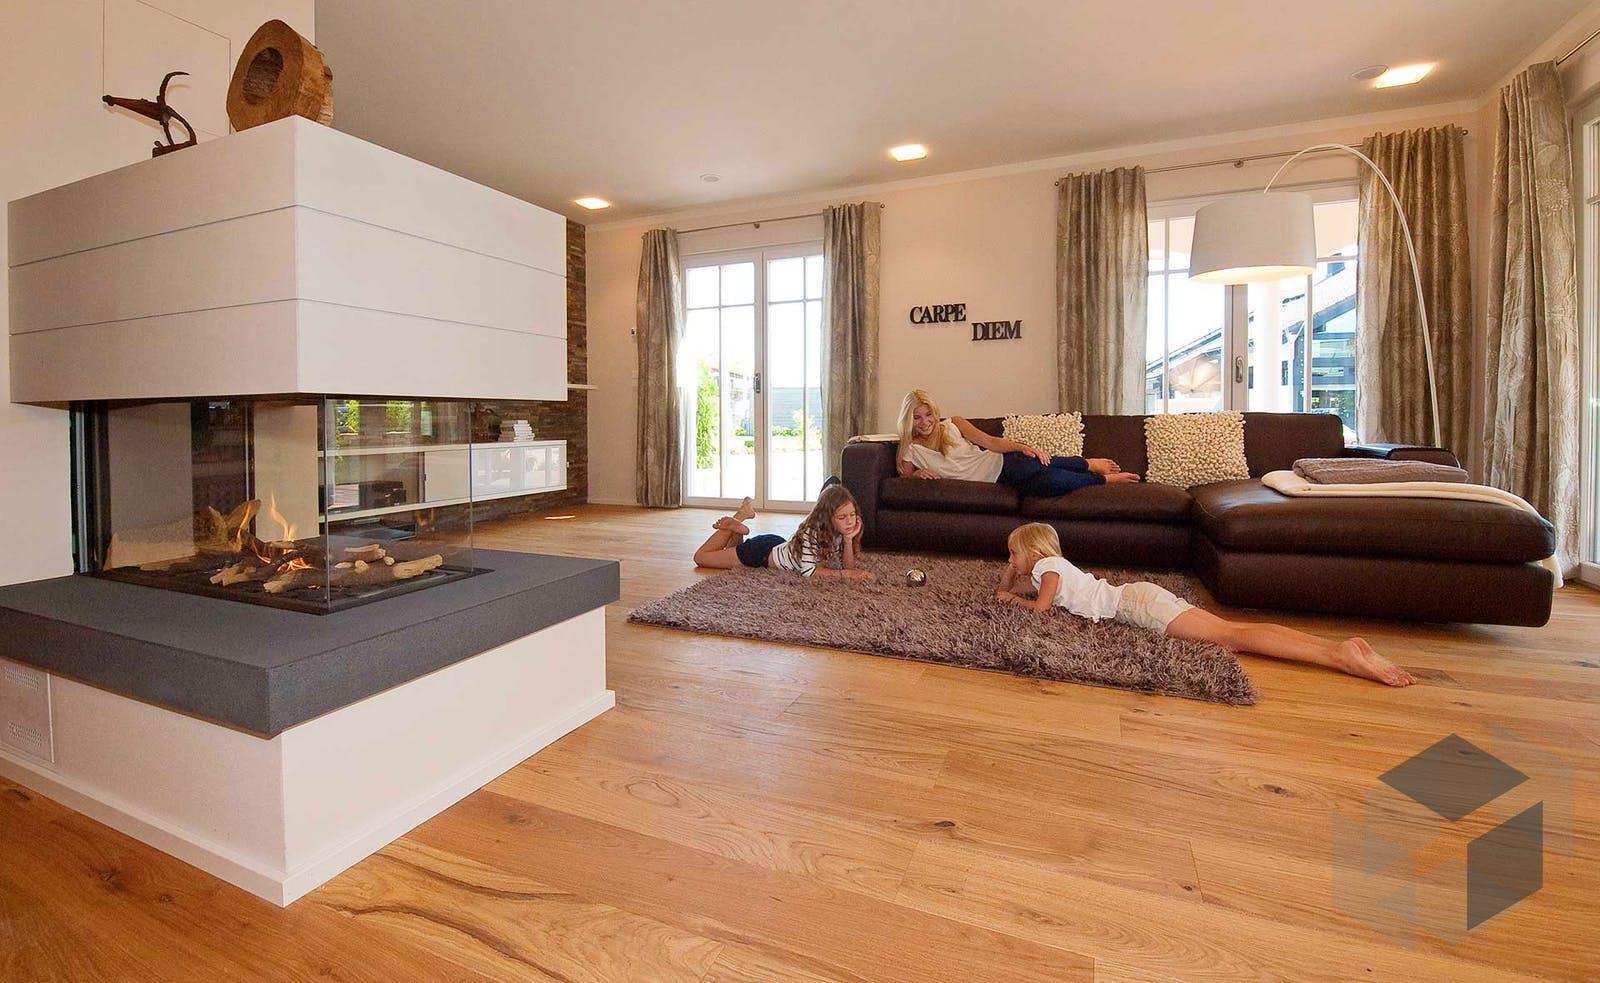 haas o 163 b von haas haus komplette daten bersicht. Black Bedroom Furniture Sets. Home Design Ideas